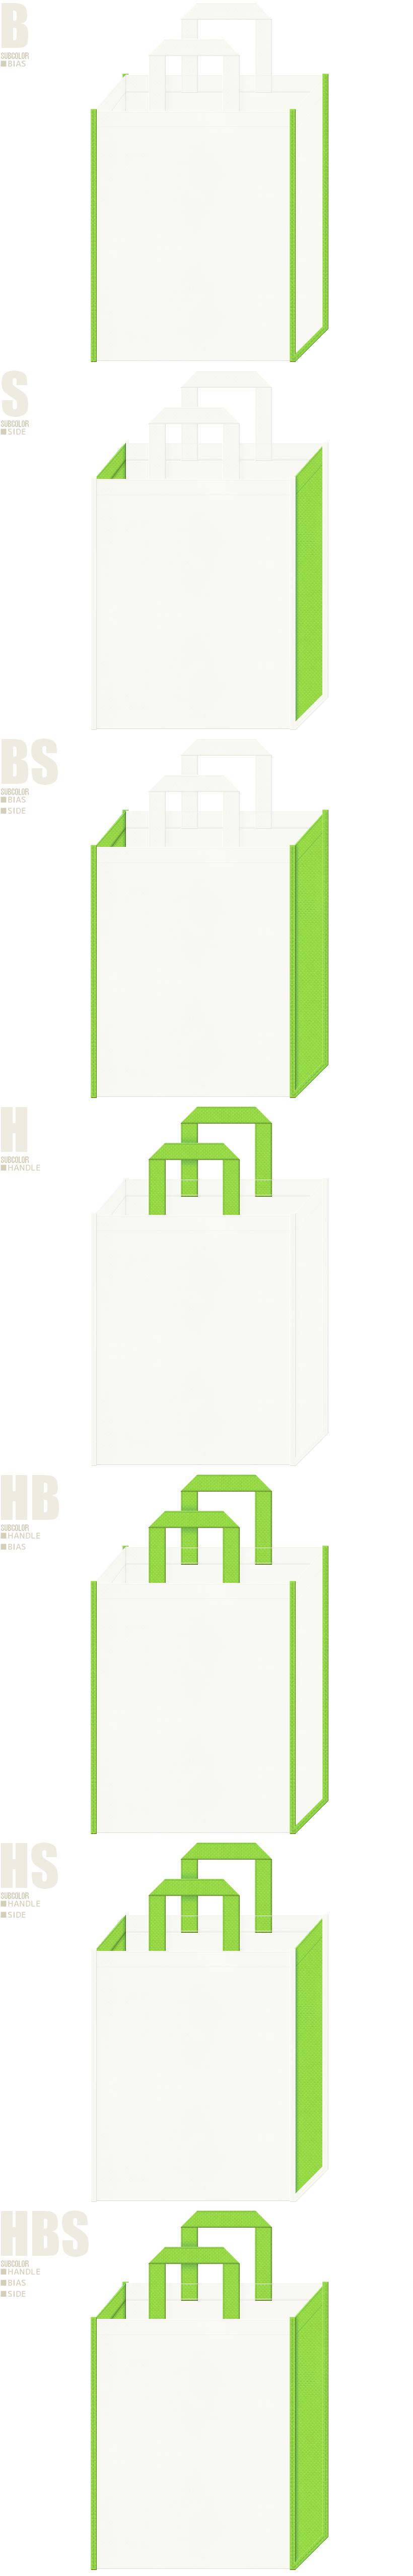 屋上緑化・壁面緑化・園芸用品の展示会用バッグにお奨めです。オフホワイト色と黄緑色の不織布バッグ配色7パターンのデザイン。